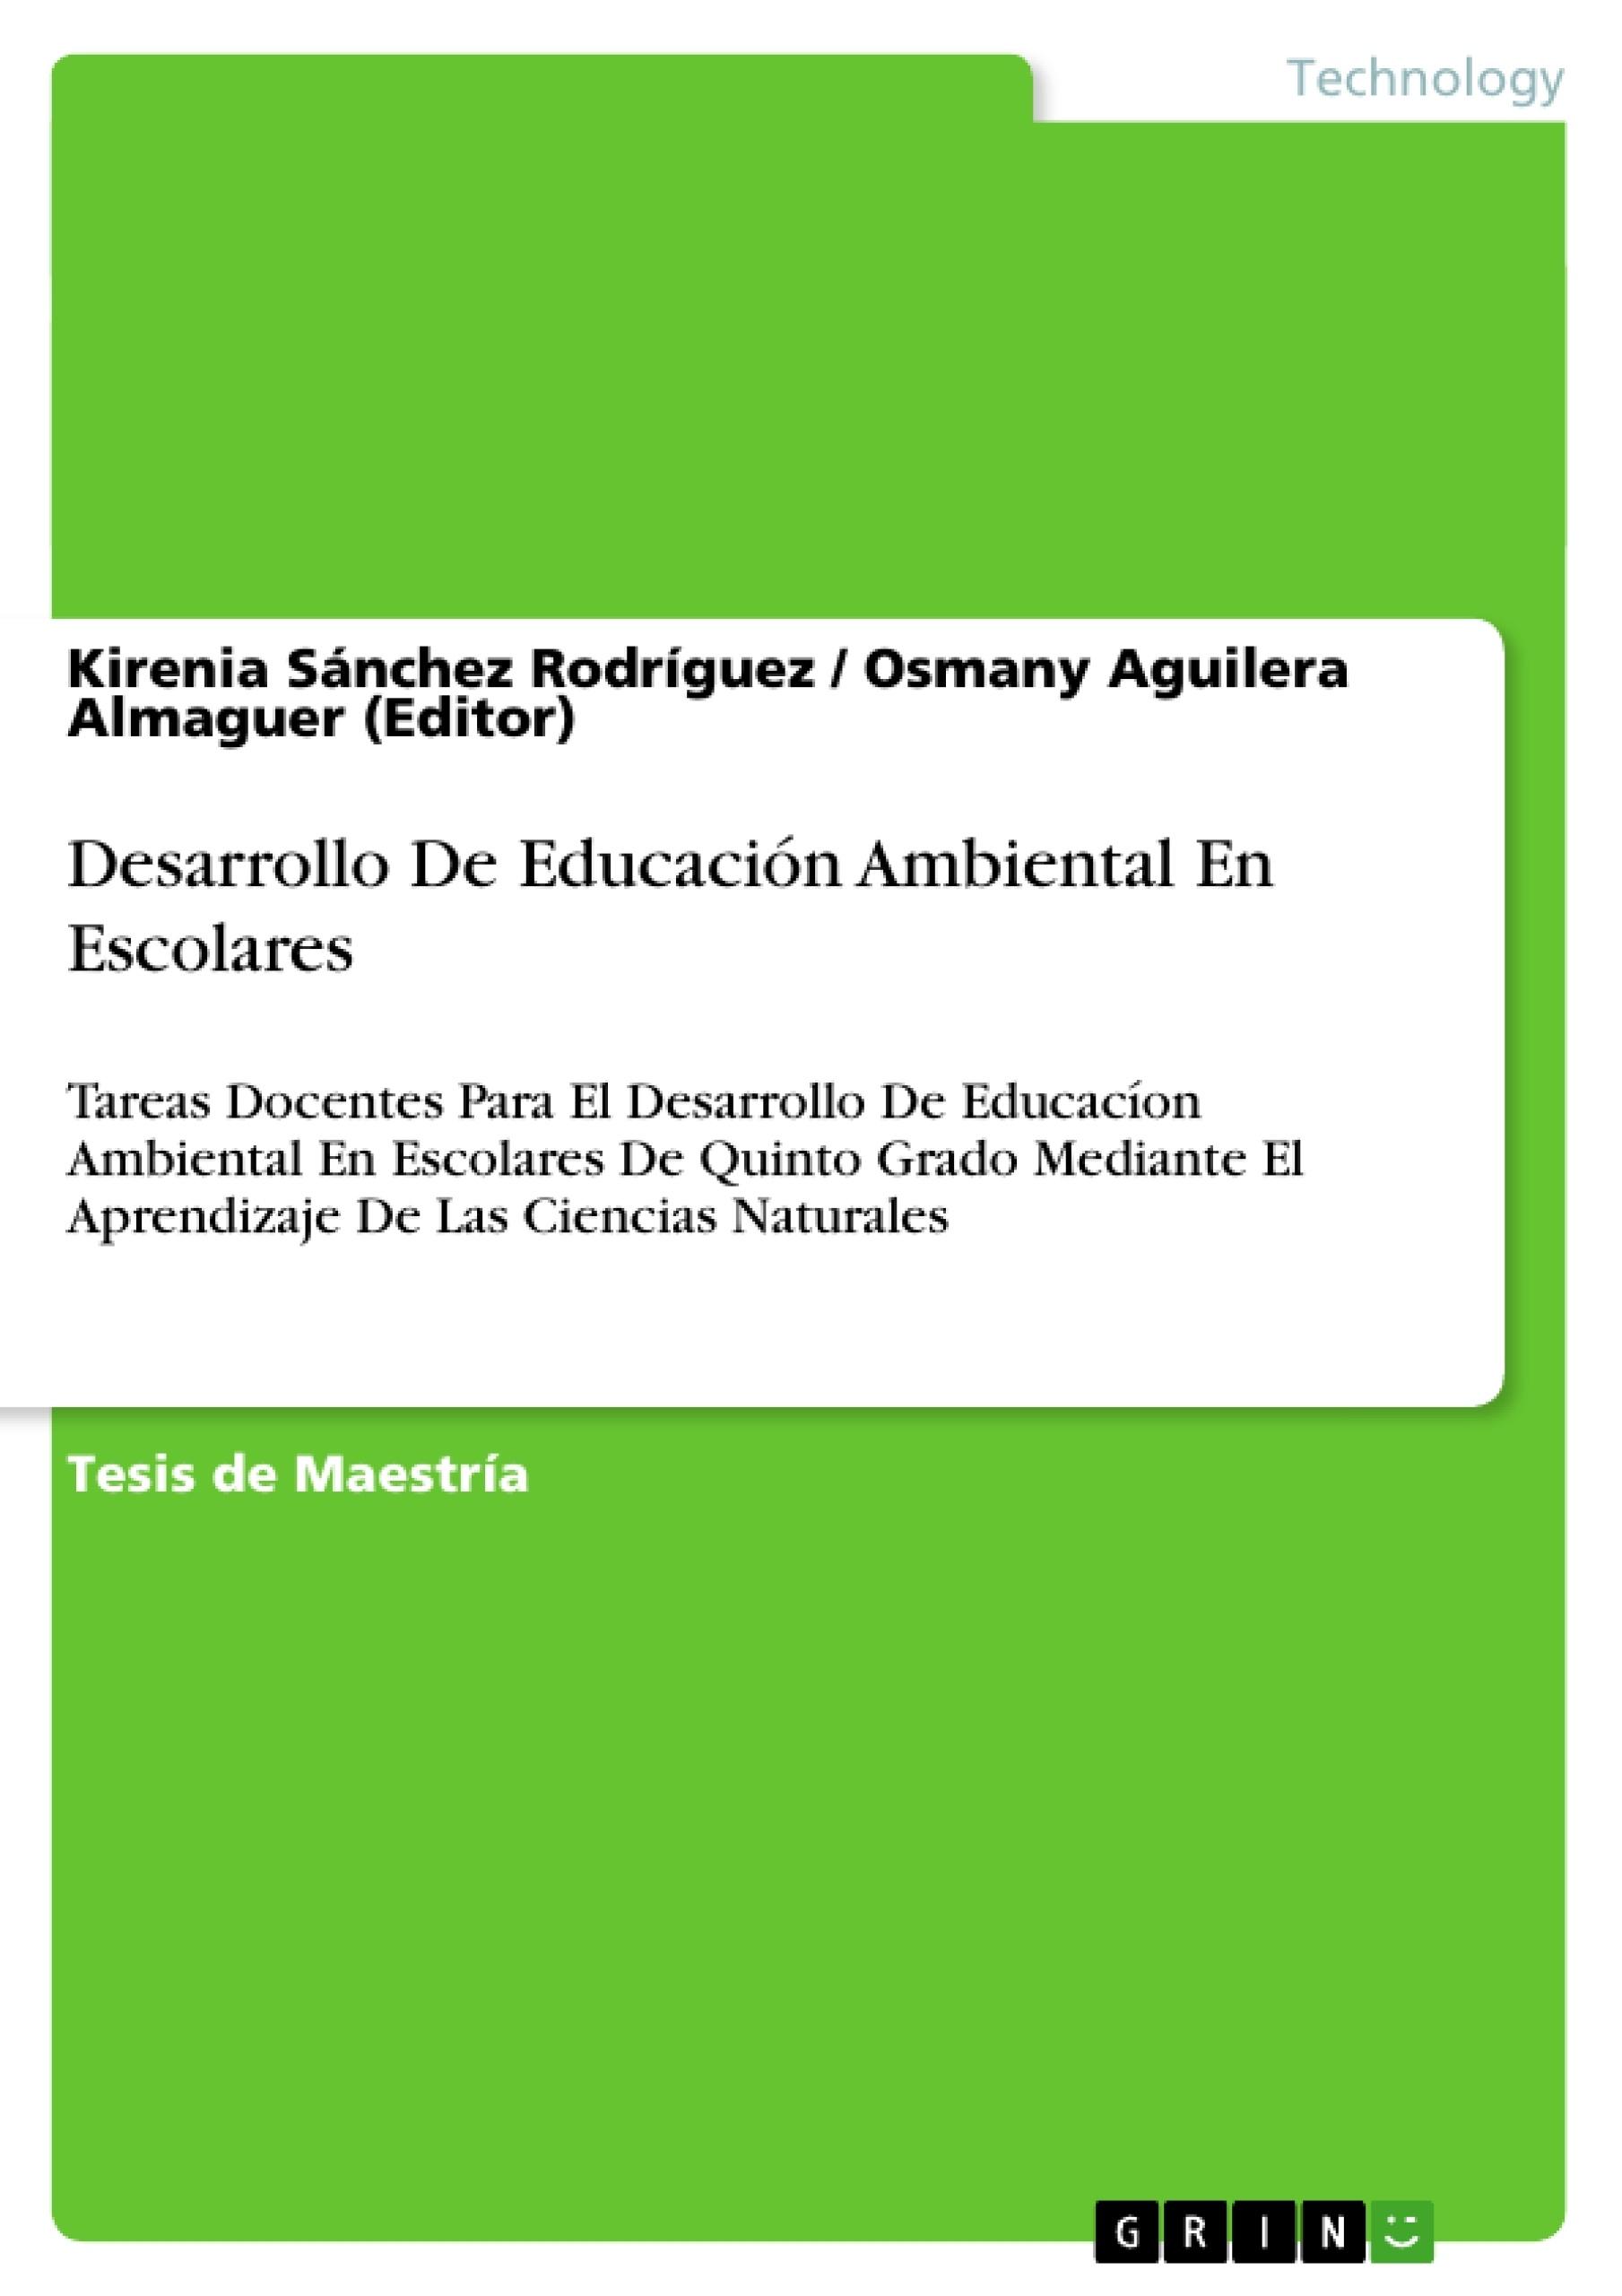 Título: Desarrollo De Educación Ambiental En Escolares